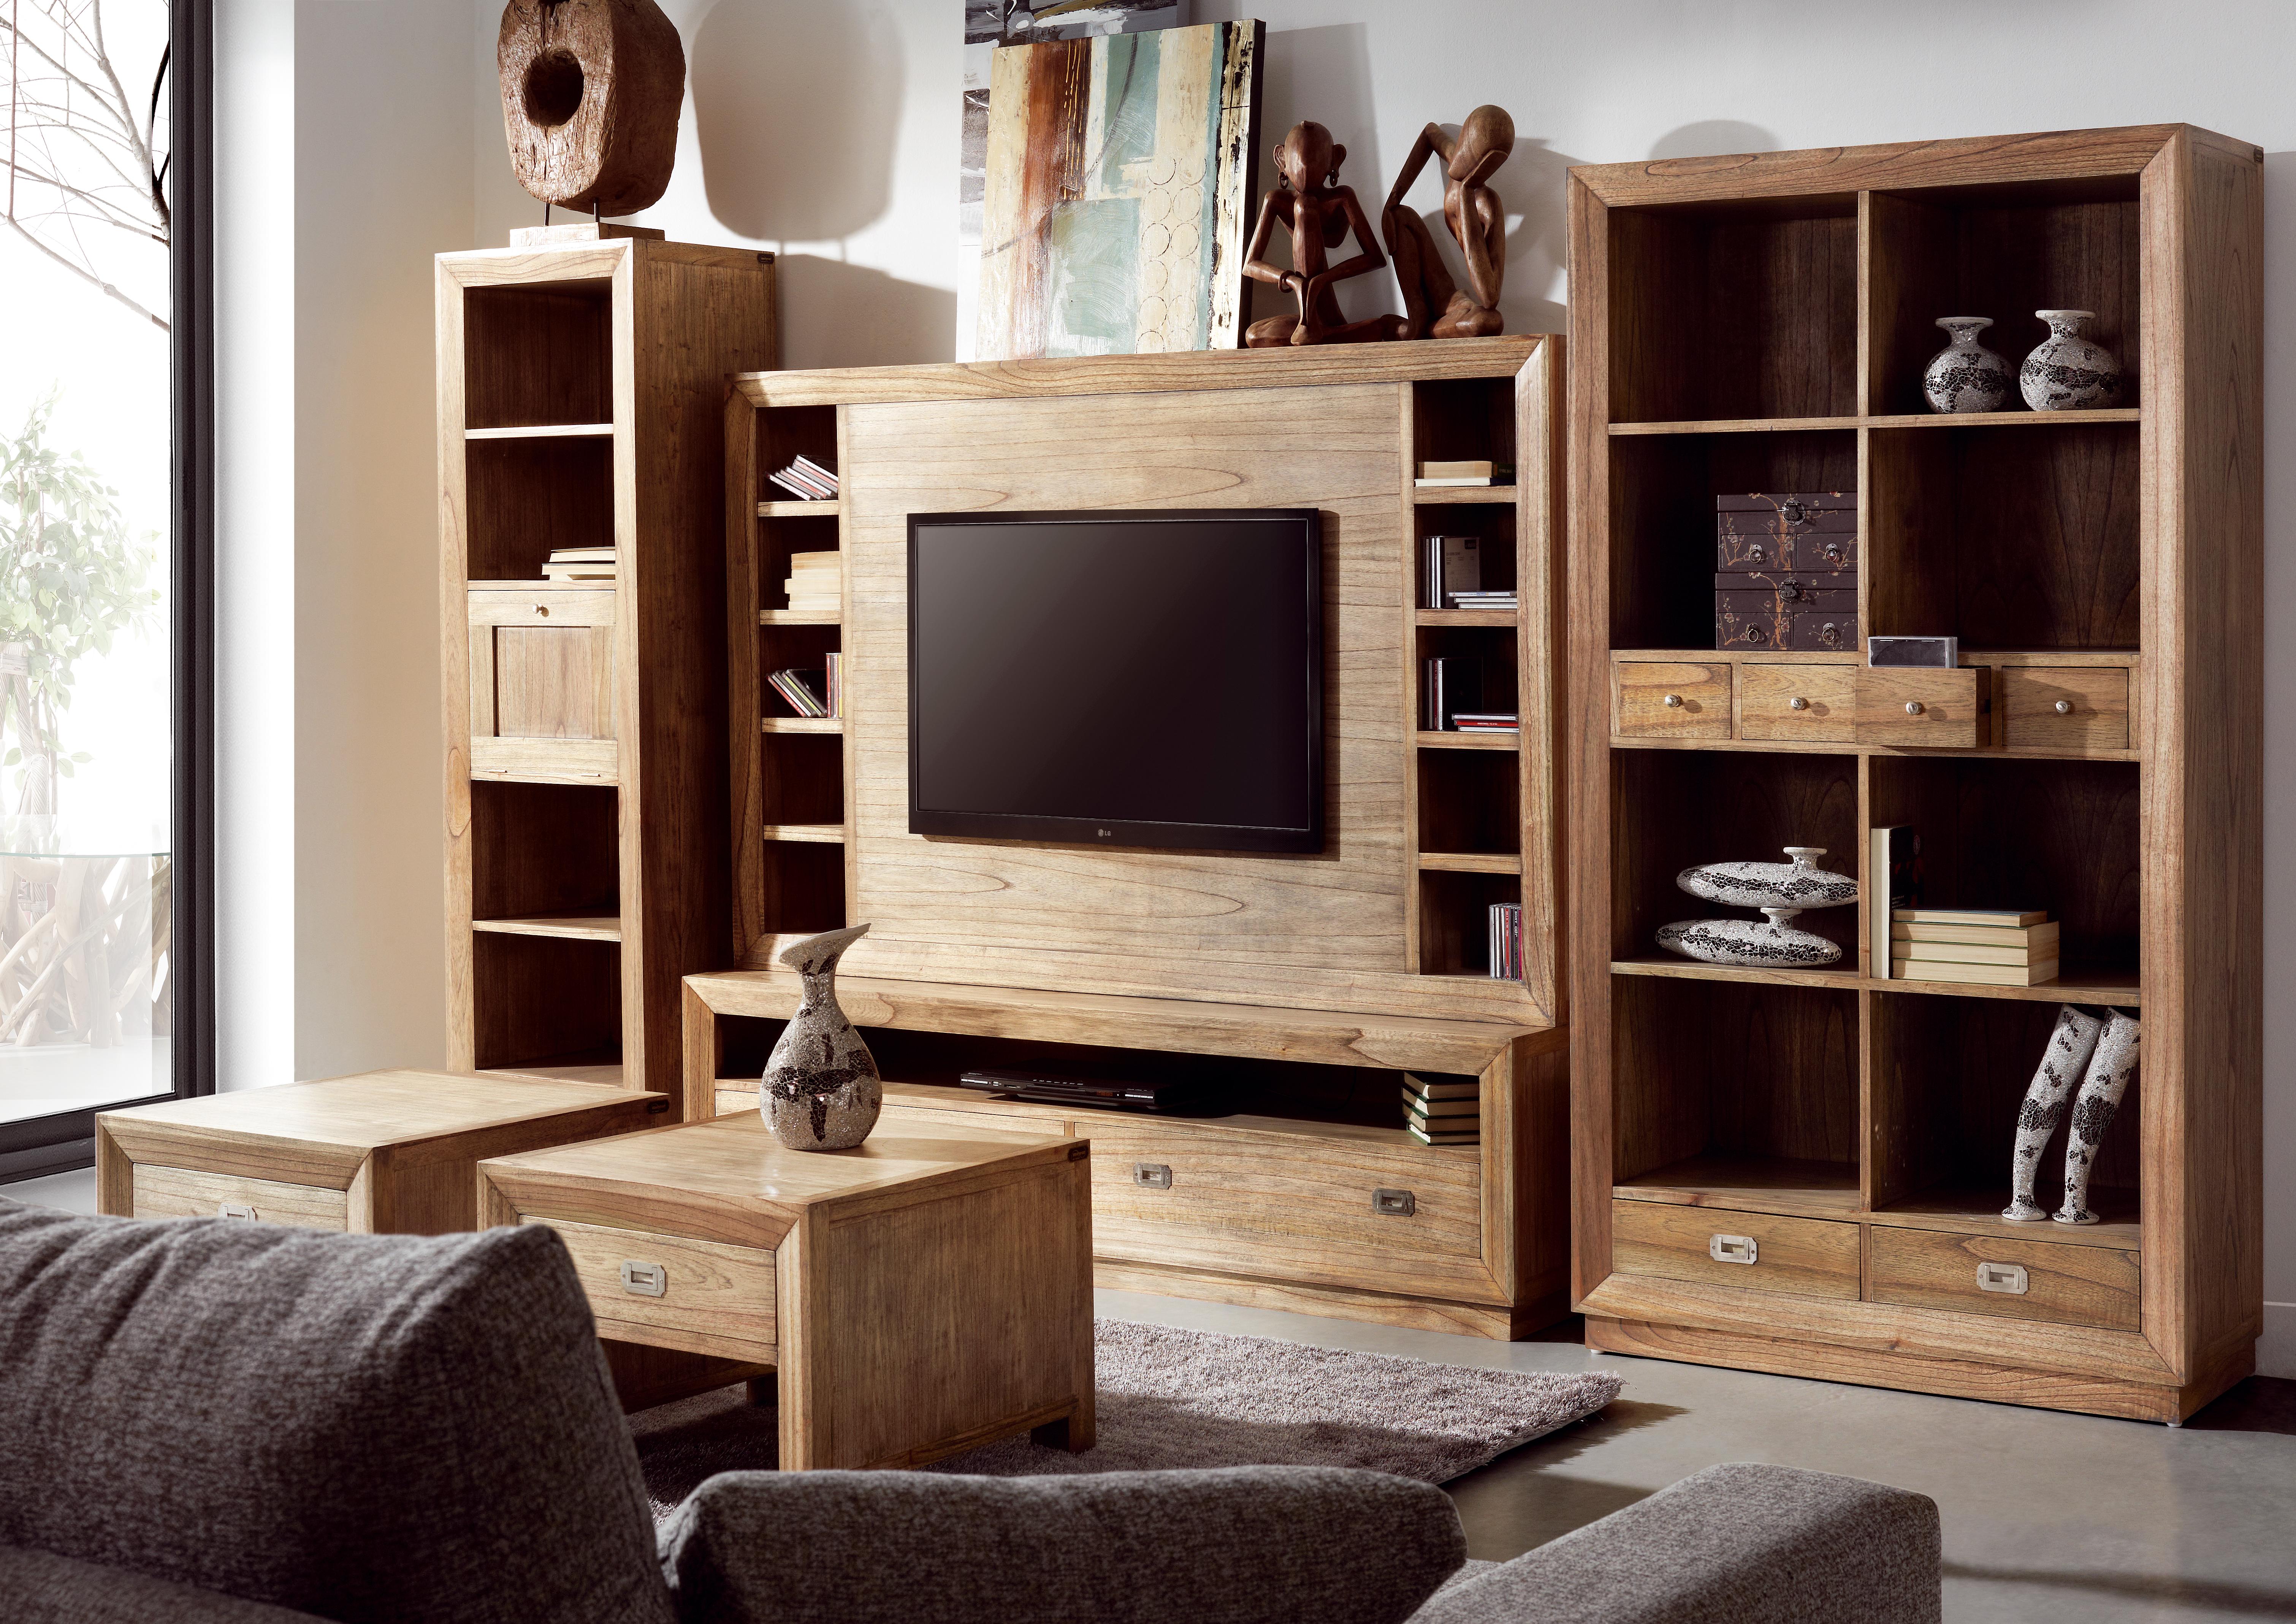 Grand Meuble Tv Bois - Grand Meuble T L En Bois De Mindy Longueur 180 Cm De La [mjhdah]http://www.maisonjoffrois.fr/wp-content/uploads/2017/08/meuble-tv-design-bois-massif-lagos-135-cm-2.jpg